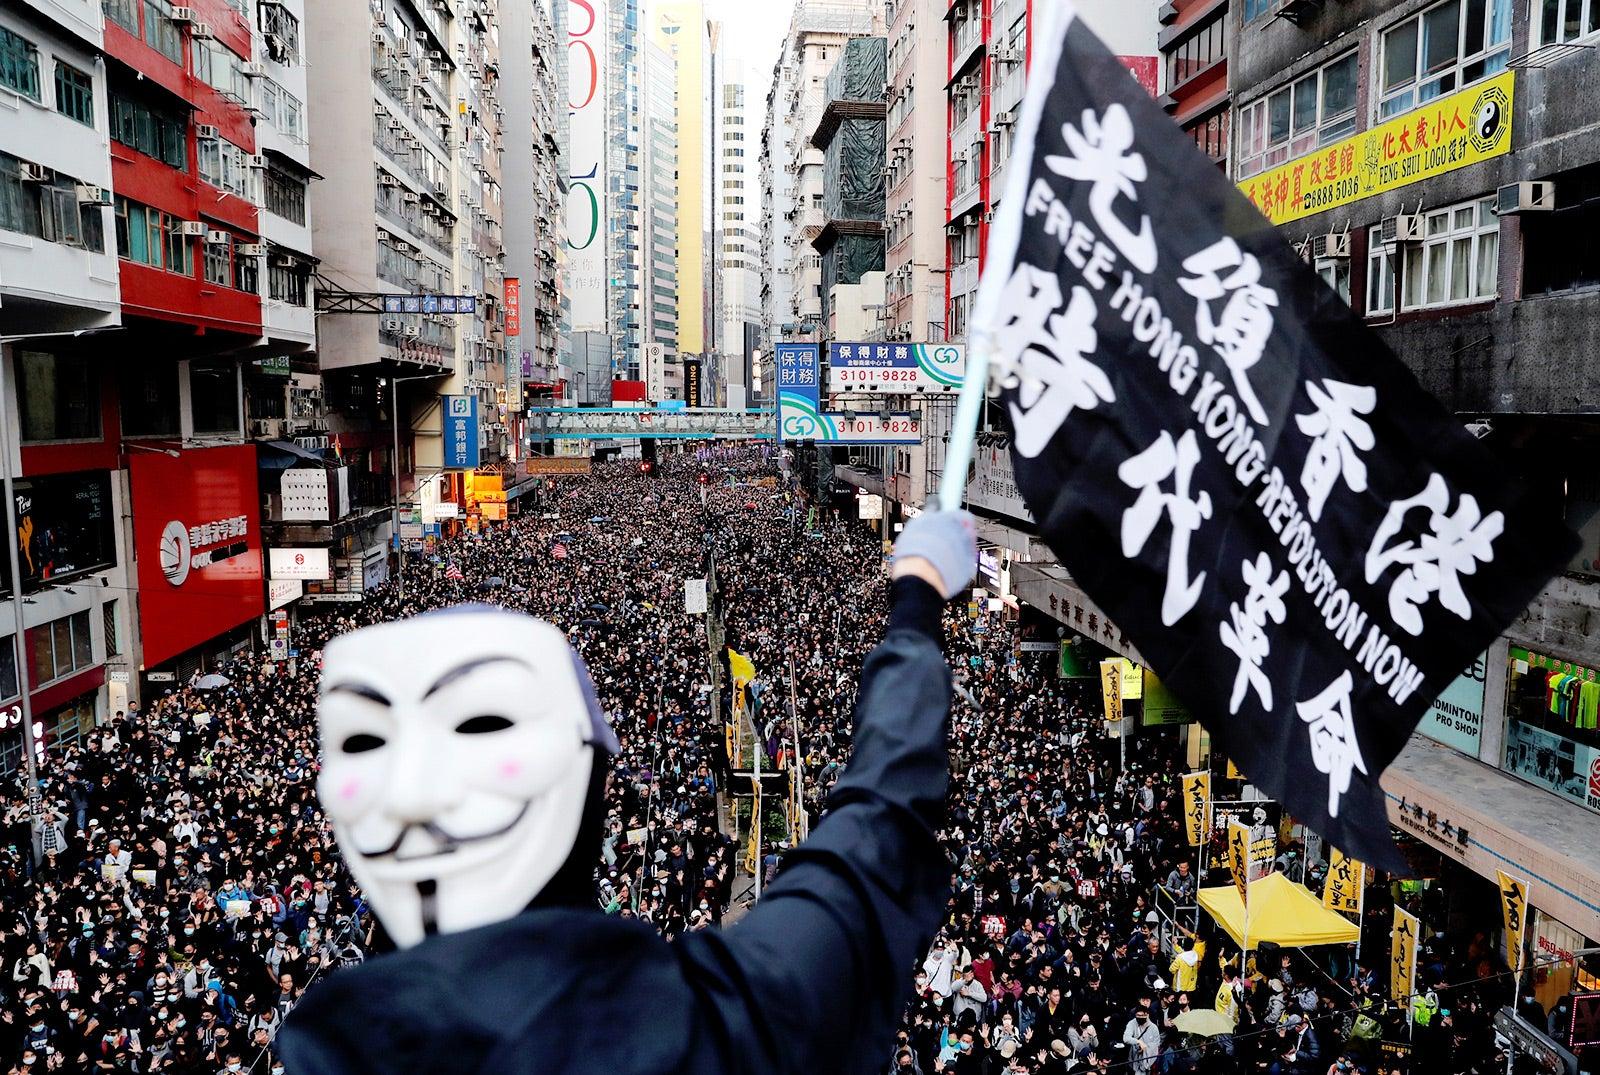 Hong Kong: Beijing Dismantles a Free Society